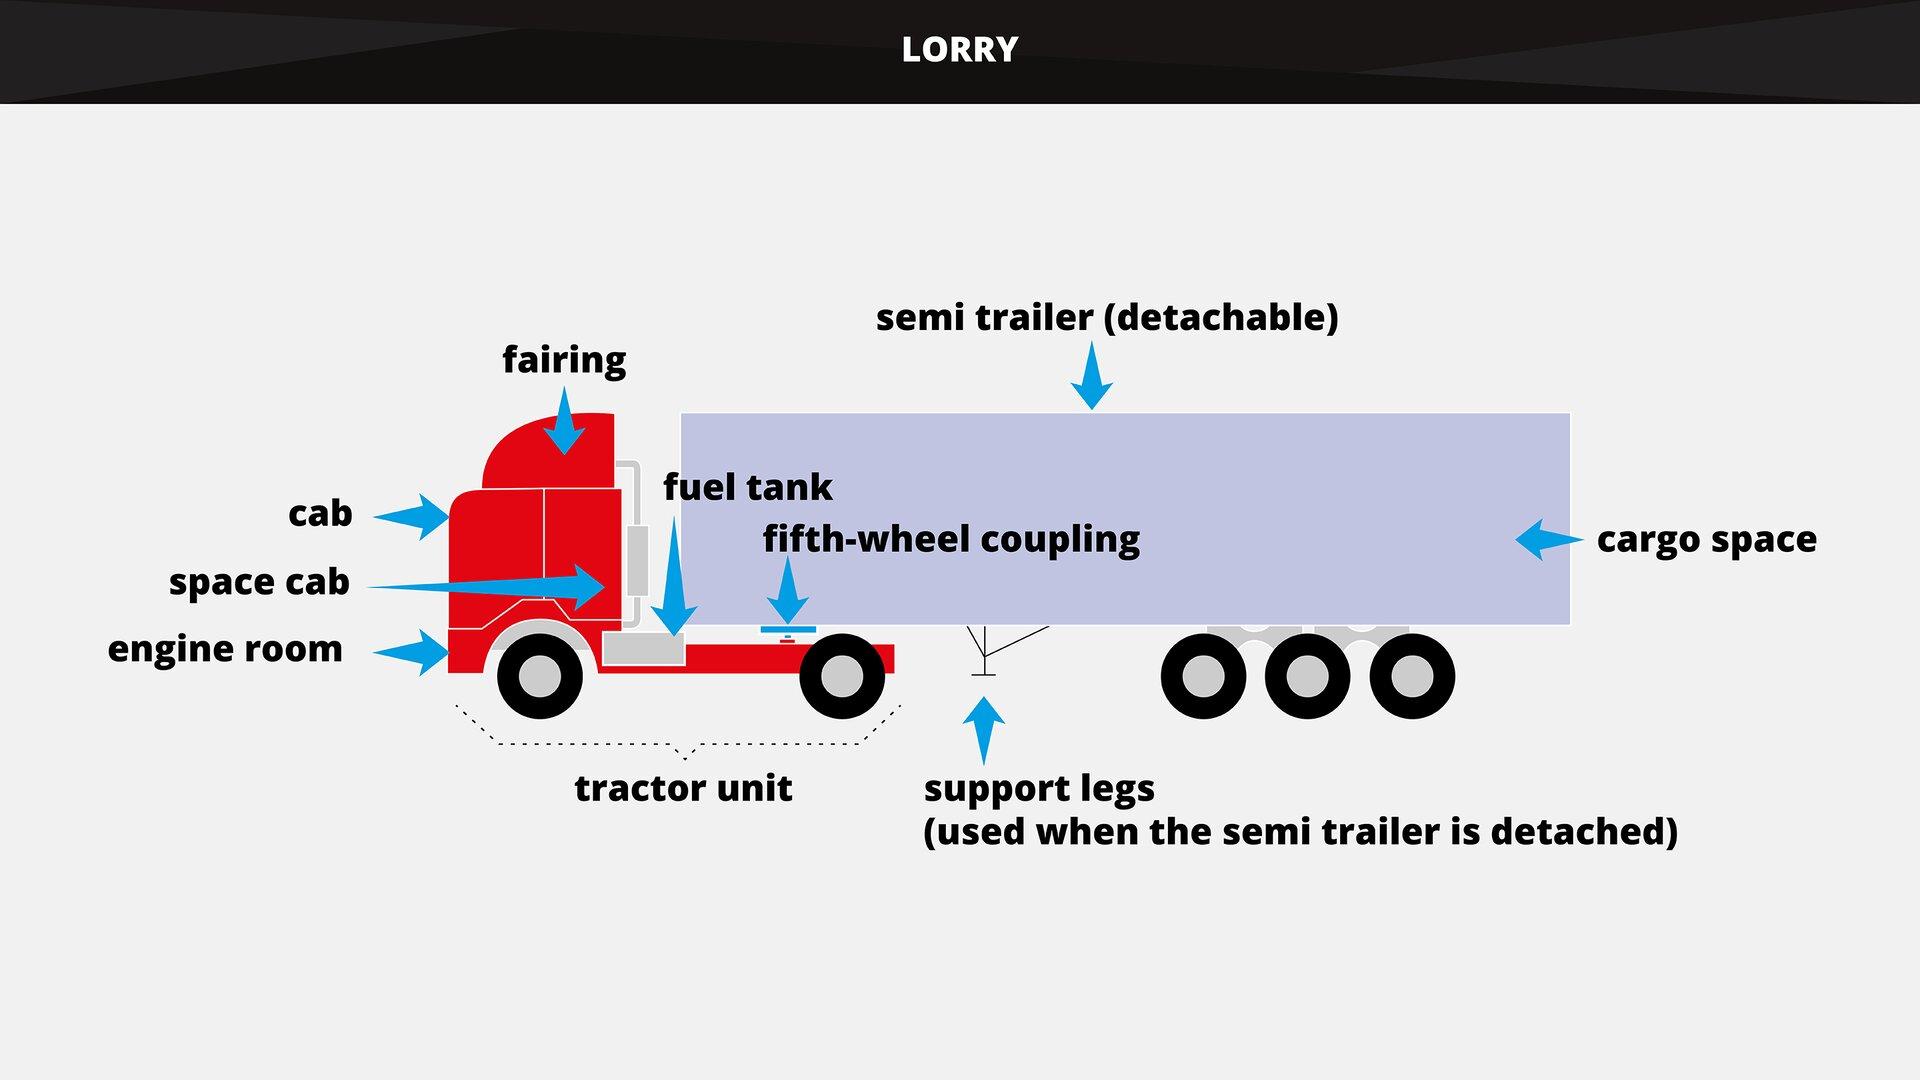 The graphics shows in aschematic way the main parts of alorry, consisting of atractor unit and asemi trailer. Grafika wsposób schematyczny przedstawia główne elementy pojazdu.